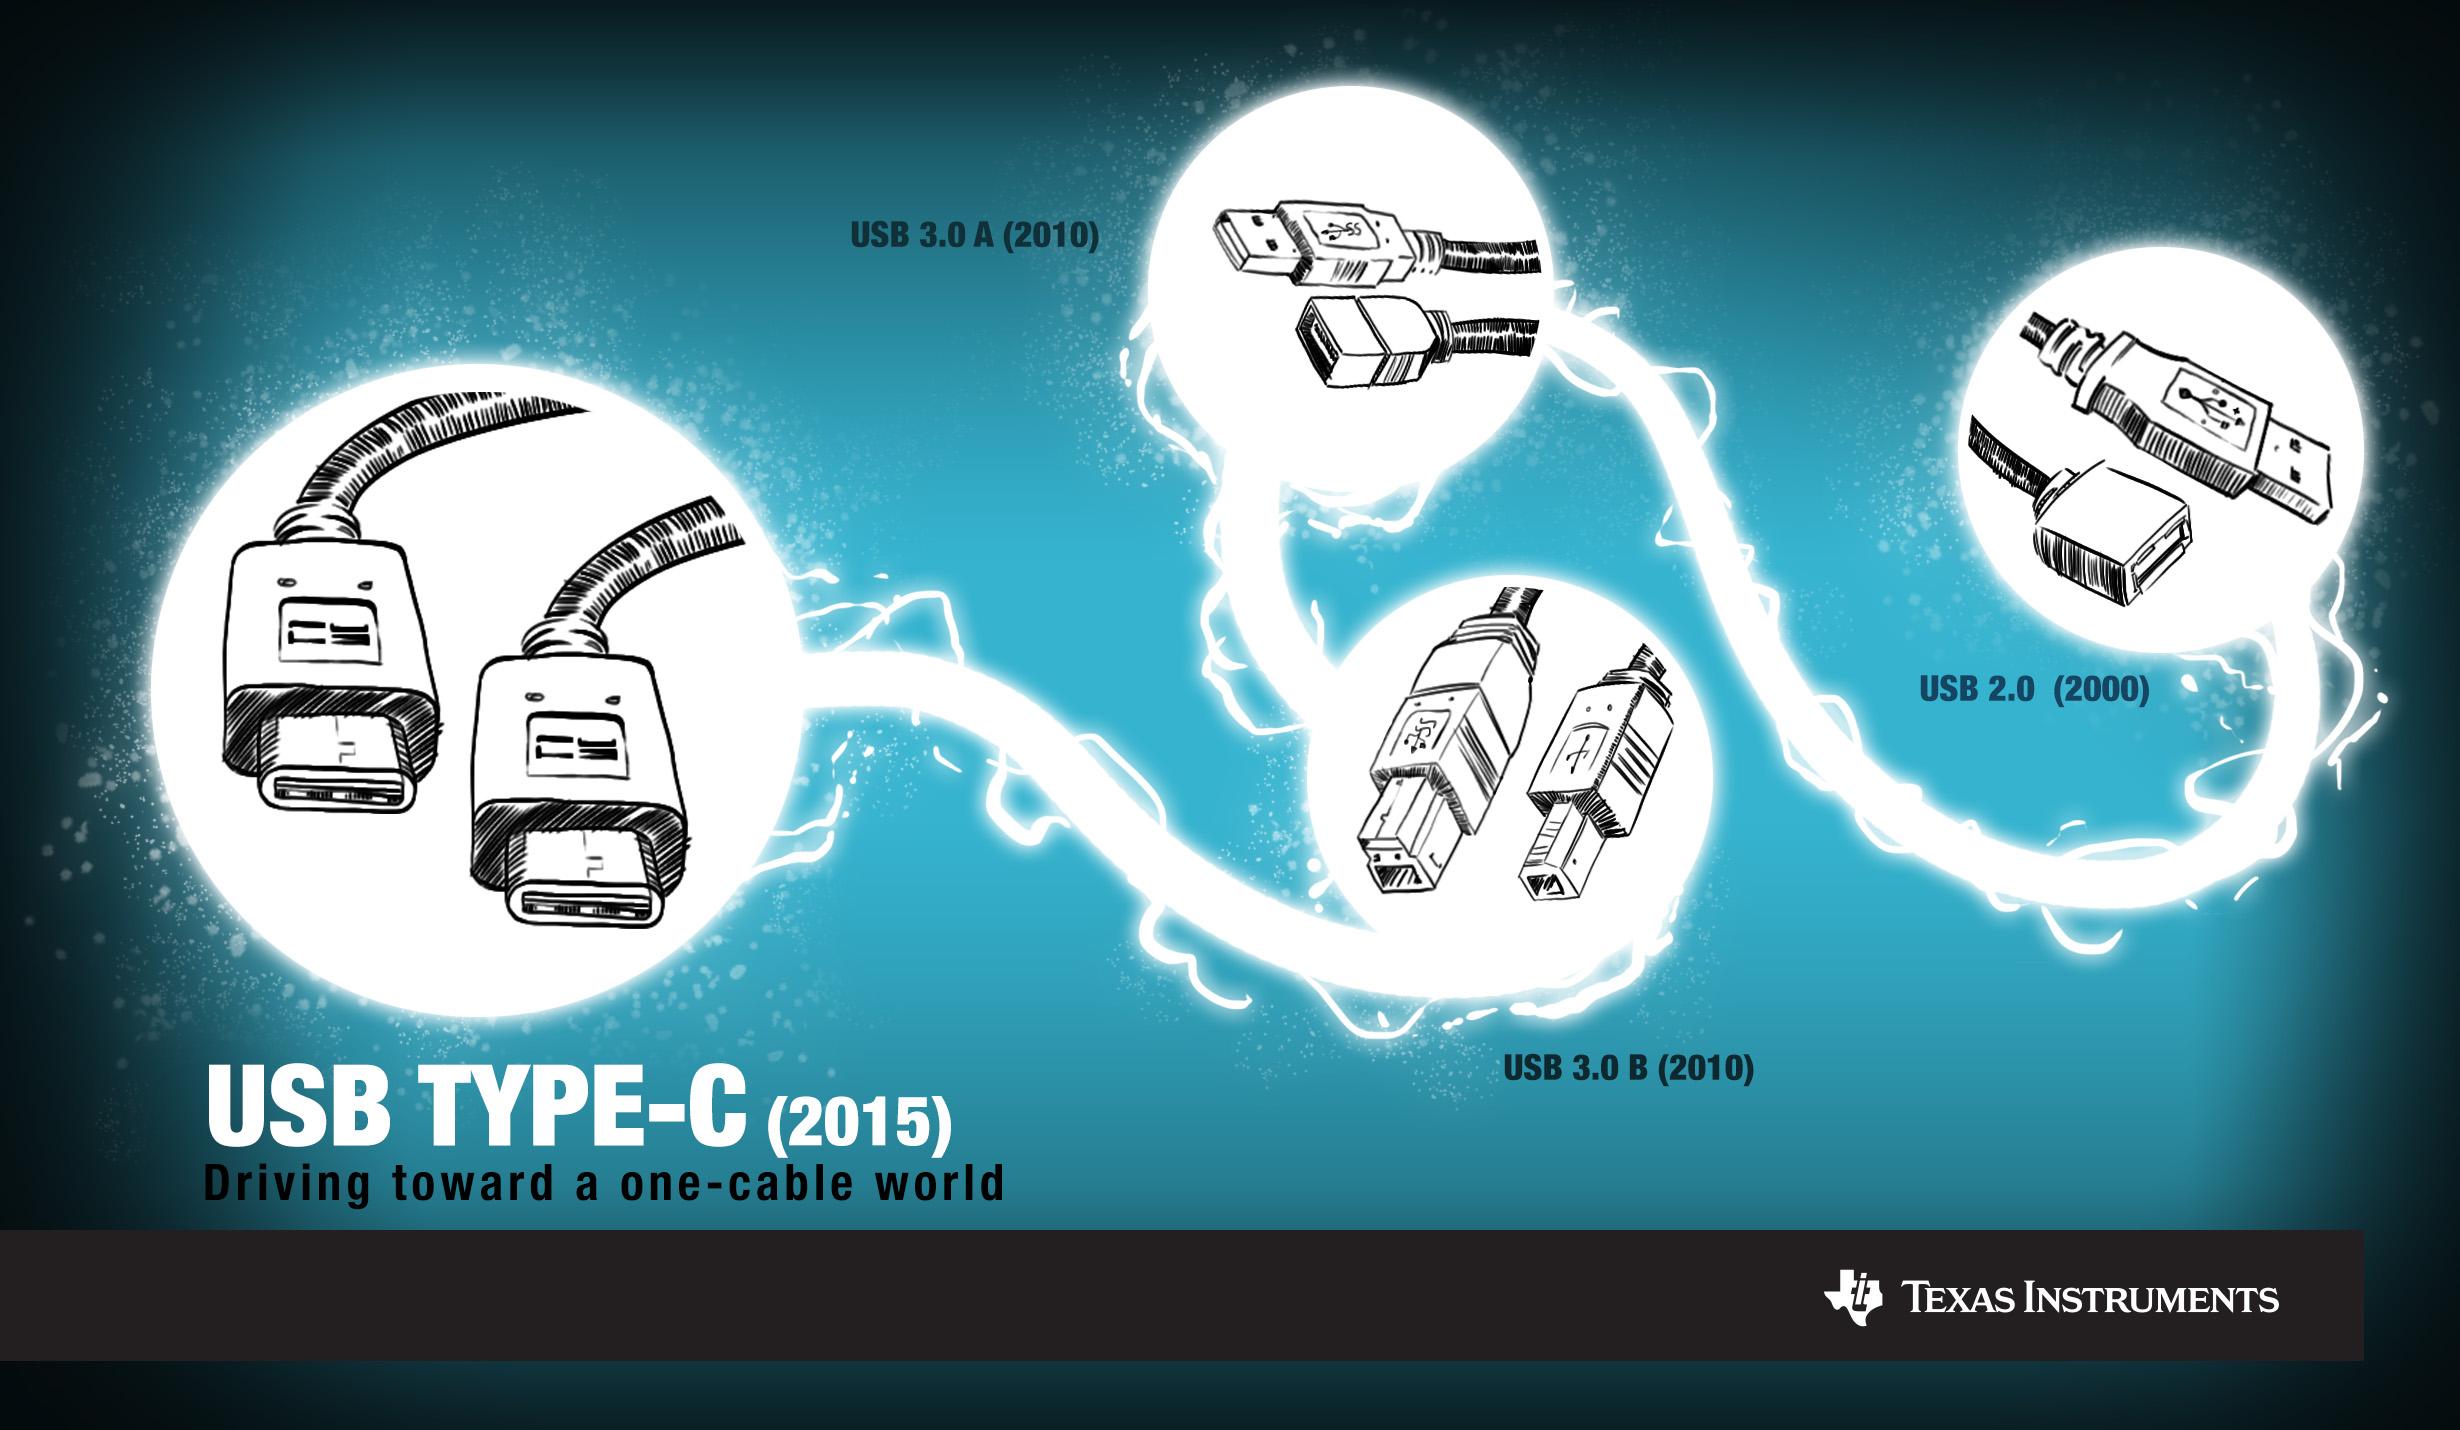 USB infographic